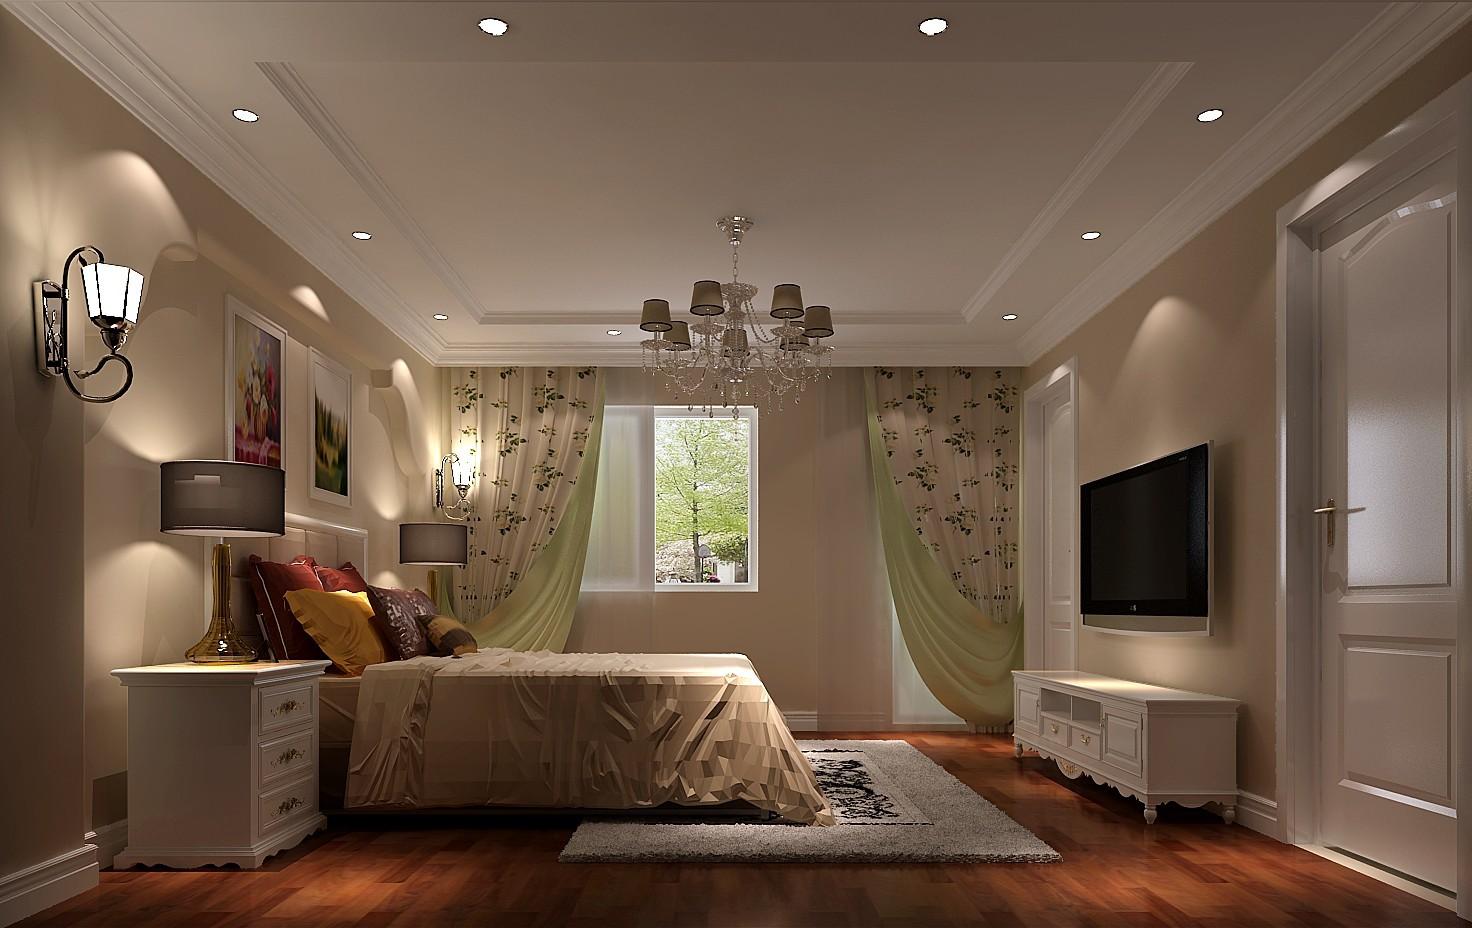 卧室图片来自也儿在潮白河孔雀城的分享